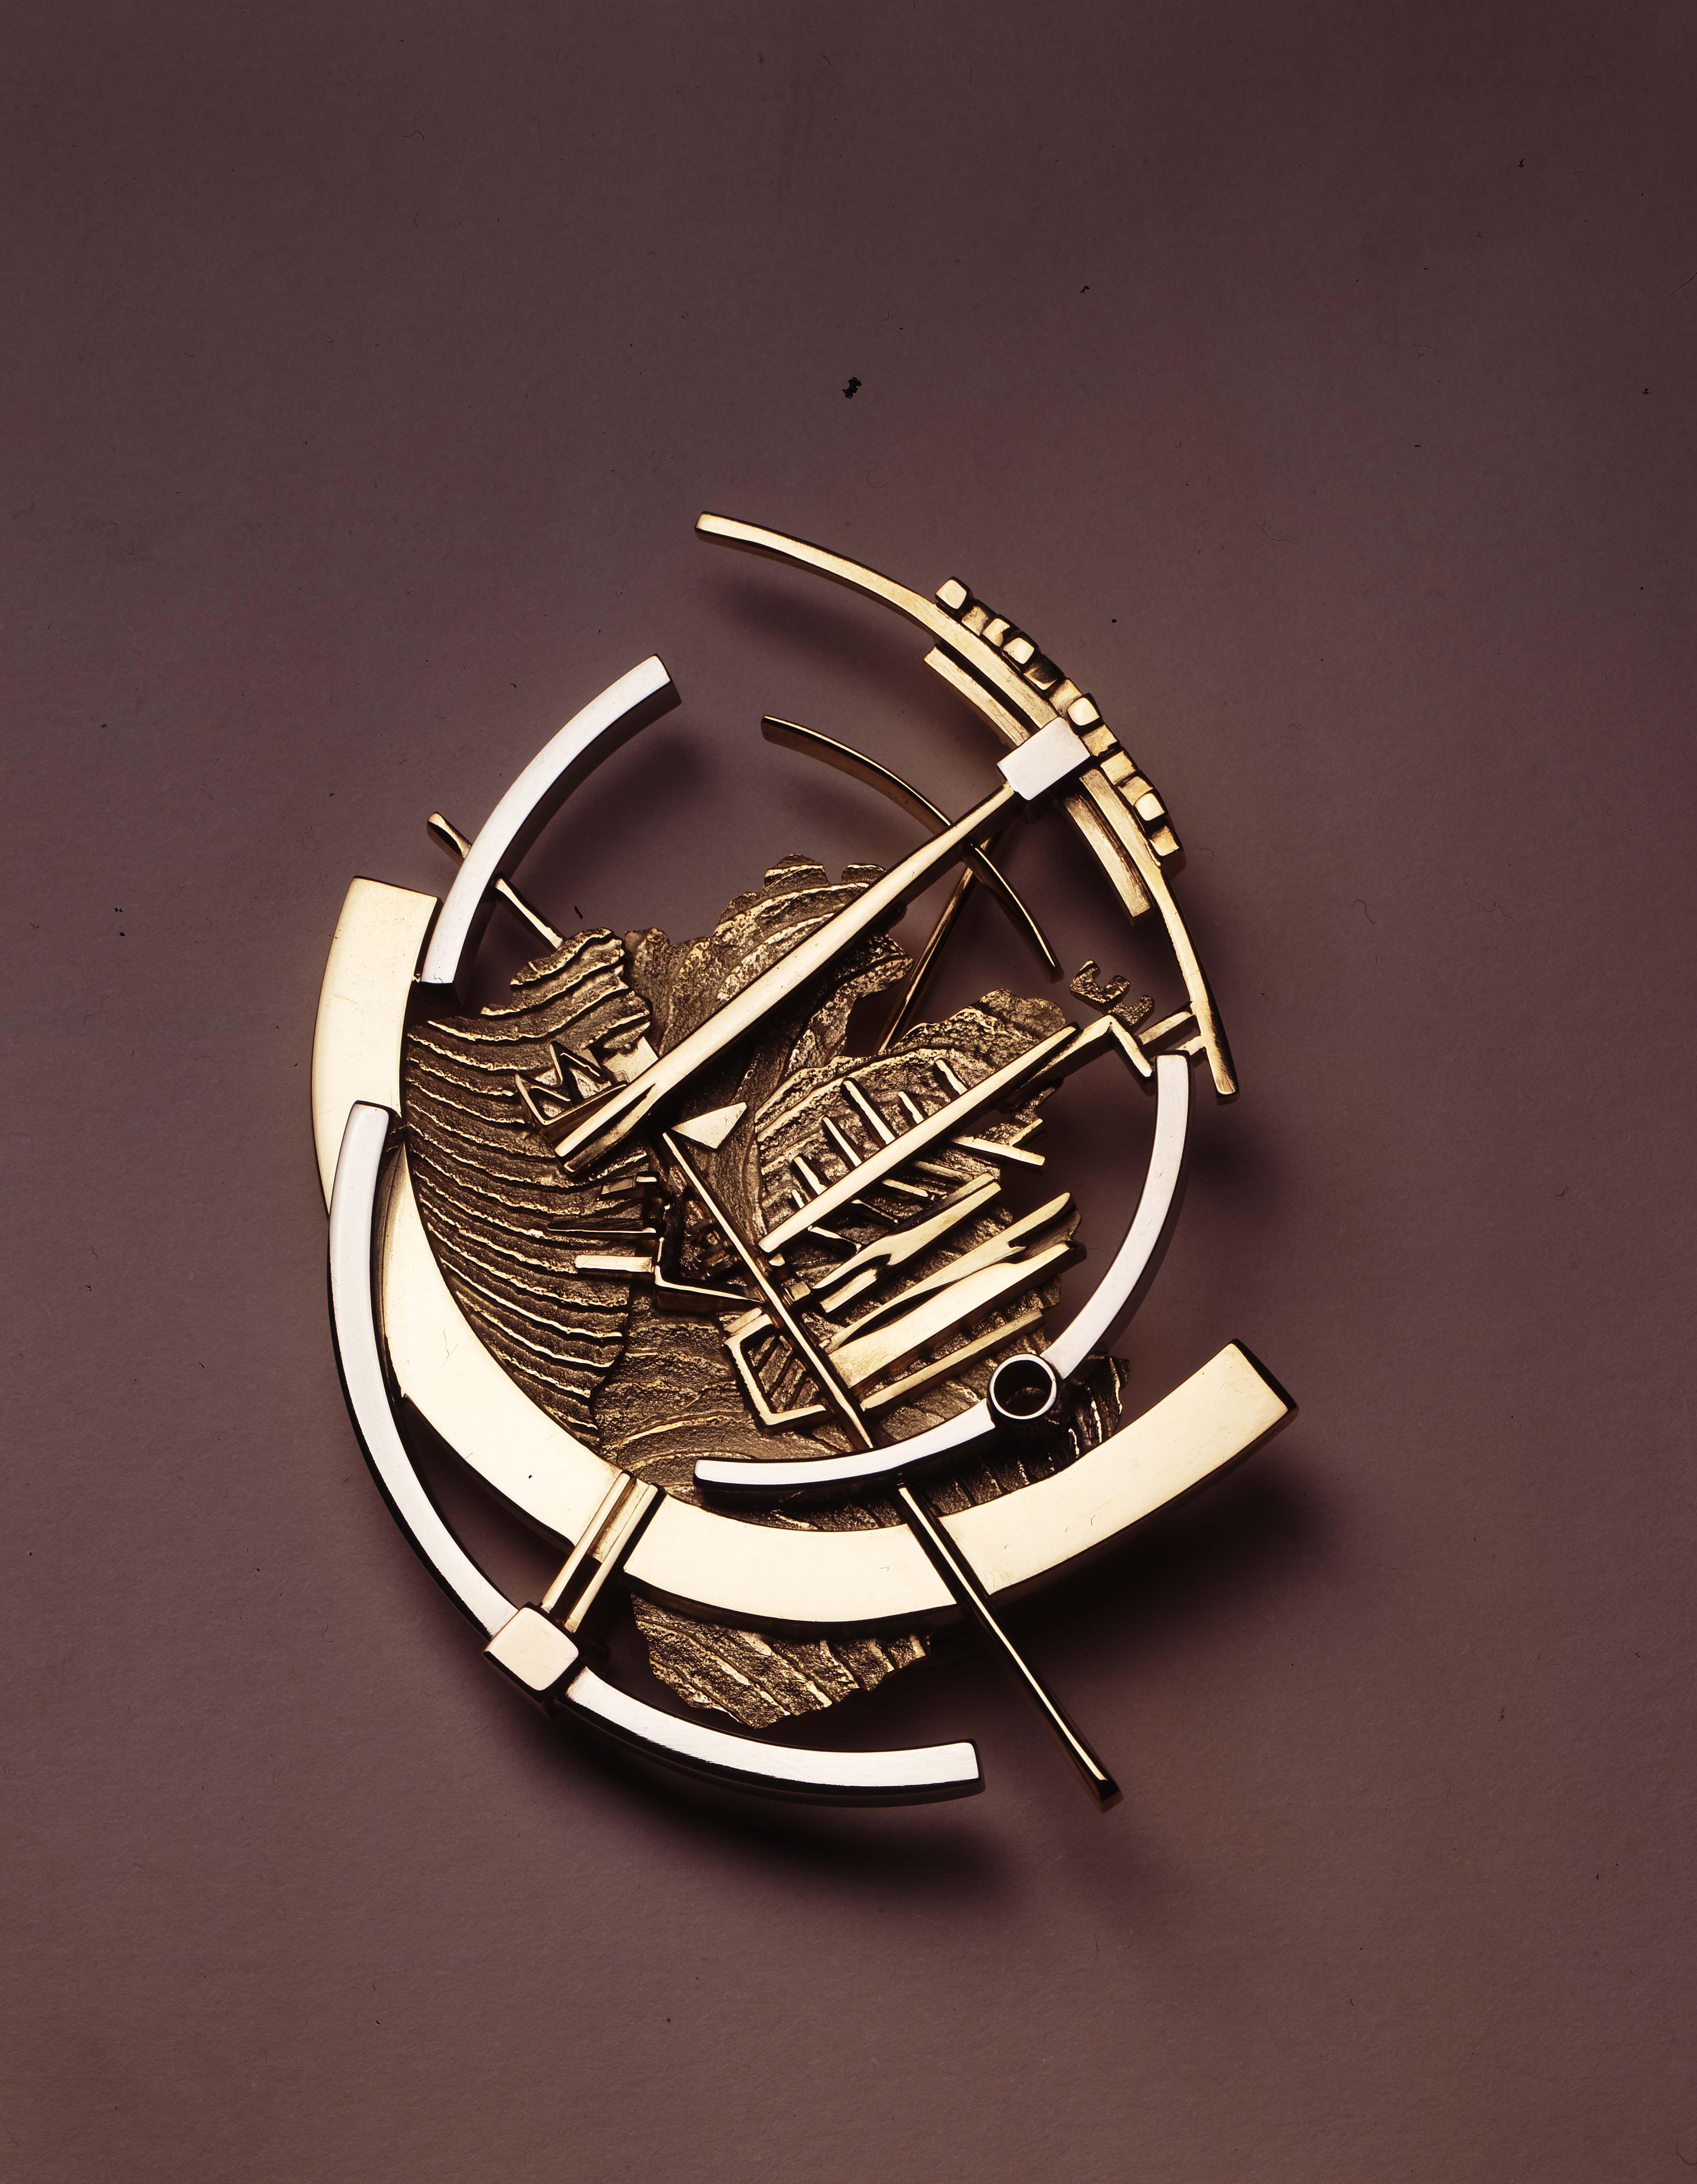 Gio 39 pomodoro spilla 1959 nel 2020 gioielli scultura for Design di gioielli